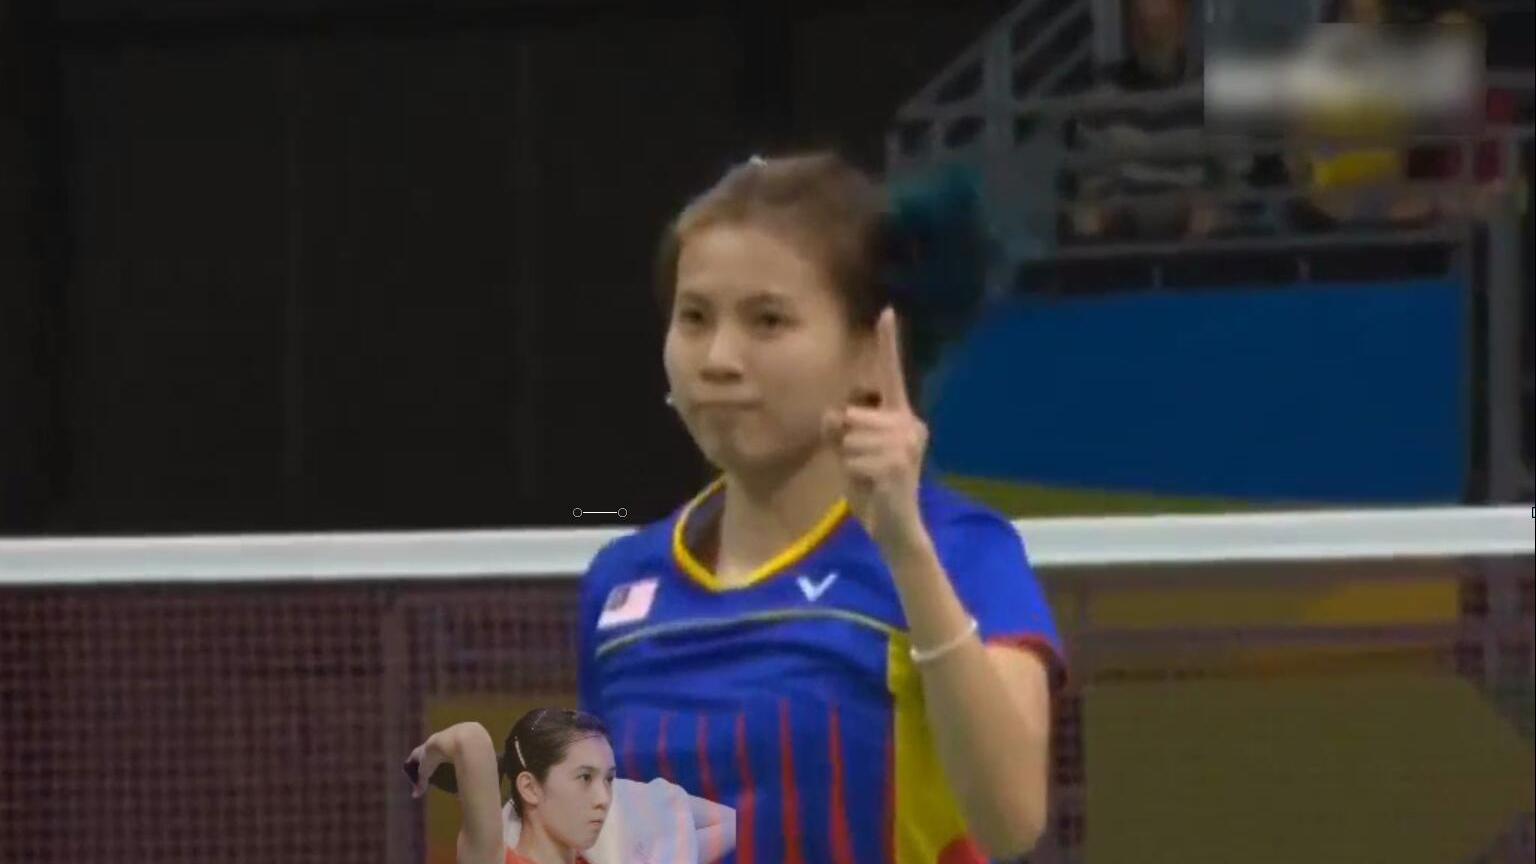 【里约奥运】四分之一决赛娘娘的对手应该是最弱的了 陈炳顺 吴柳莹vs马特斯亚克 希尔巴